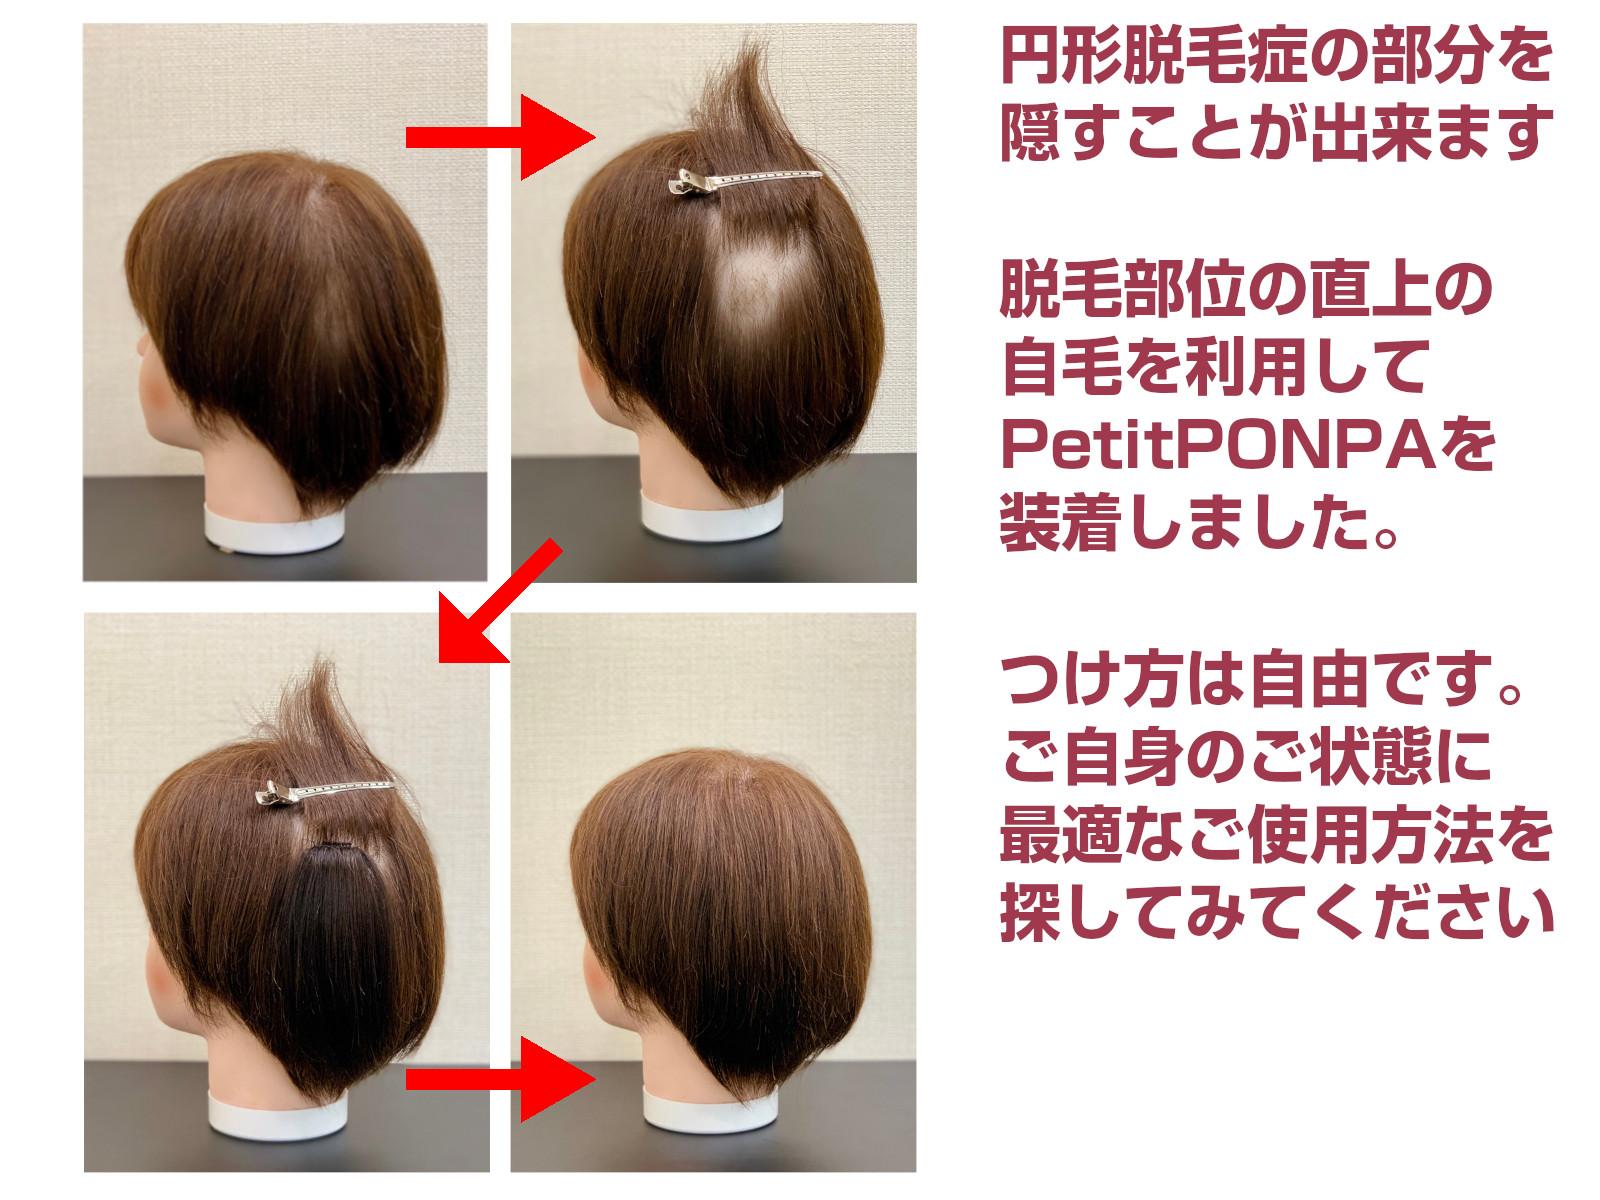 ロングヘア 極小部分ウィッグ 円形脱毛症にも Petit PON-PA LONG(プチポンパロング)